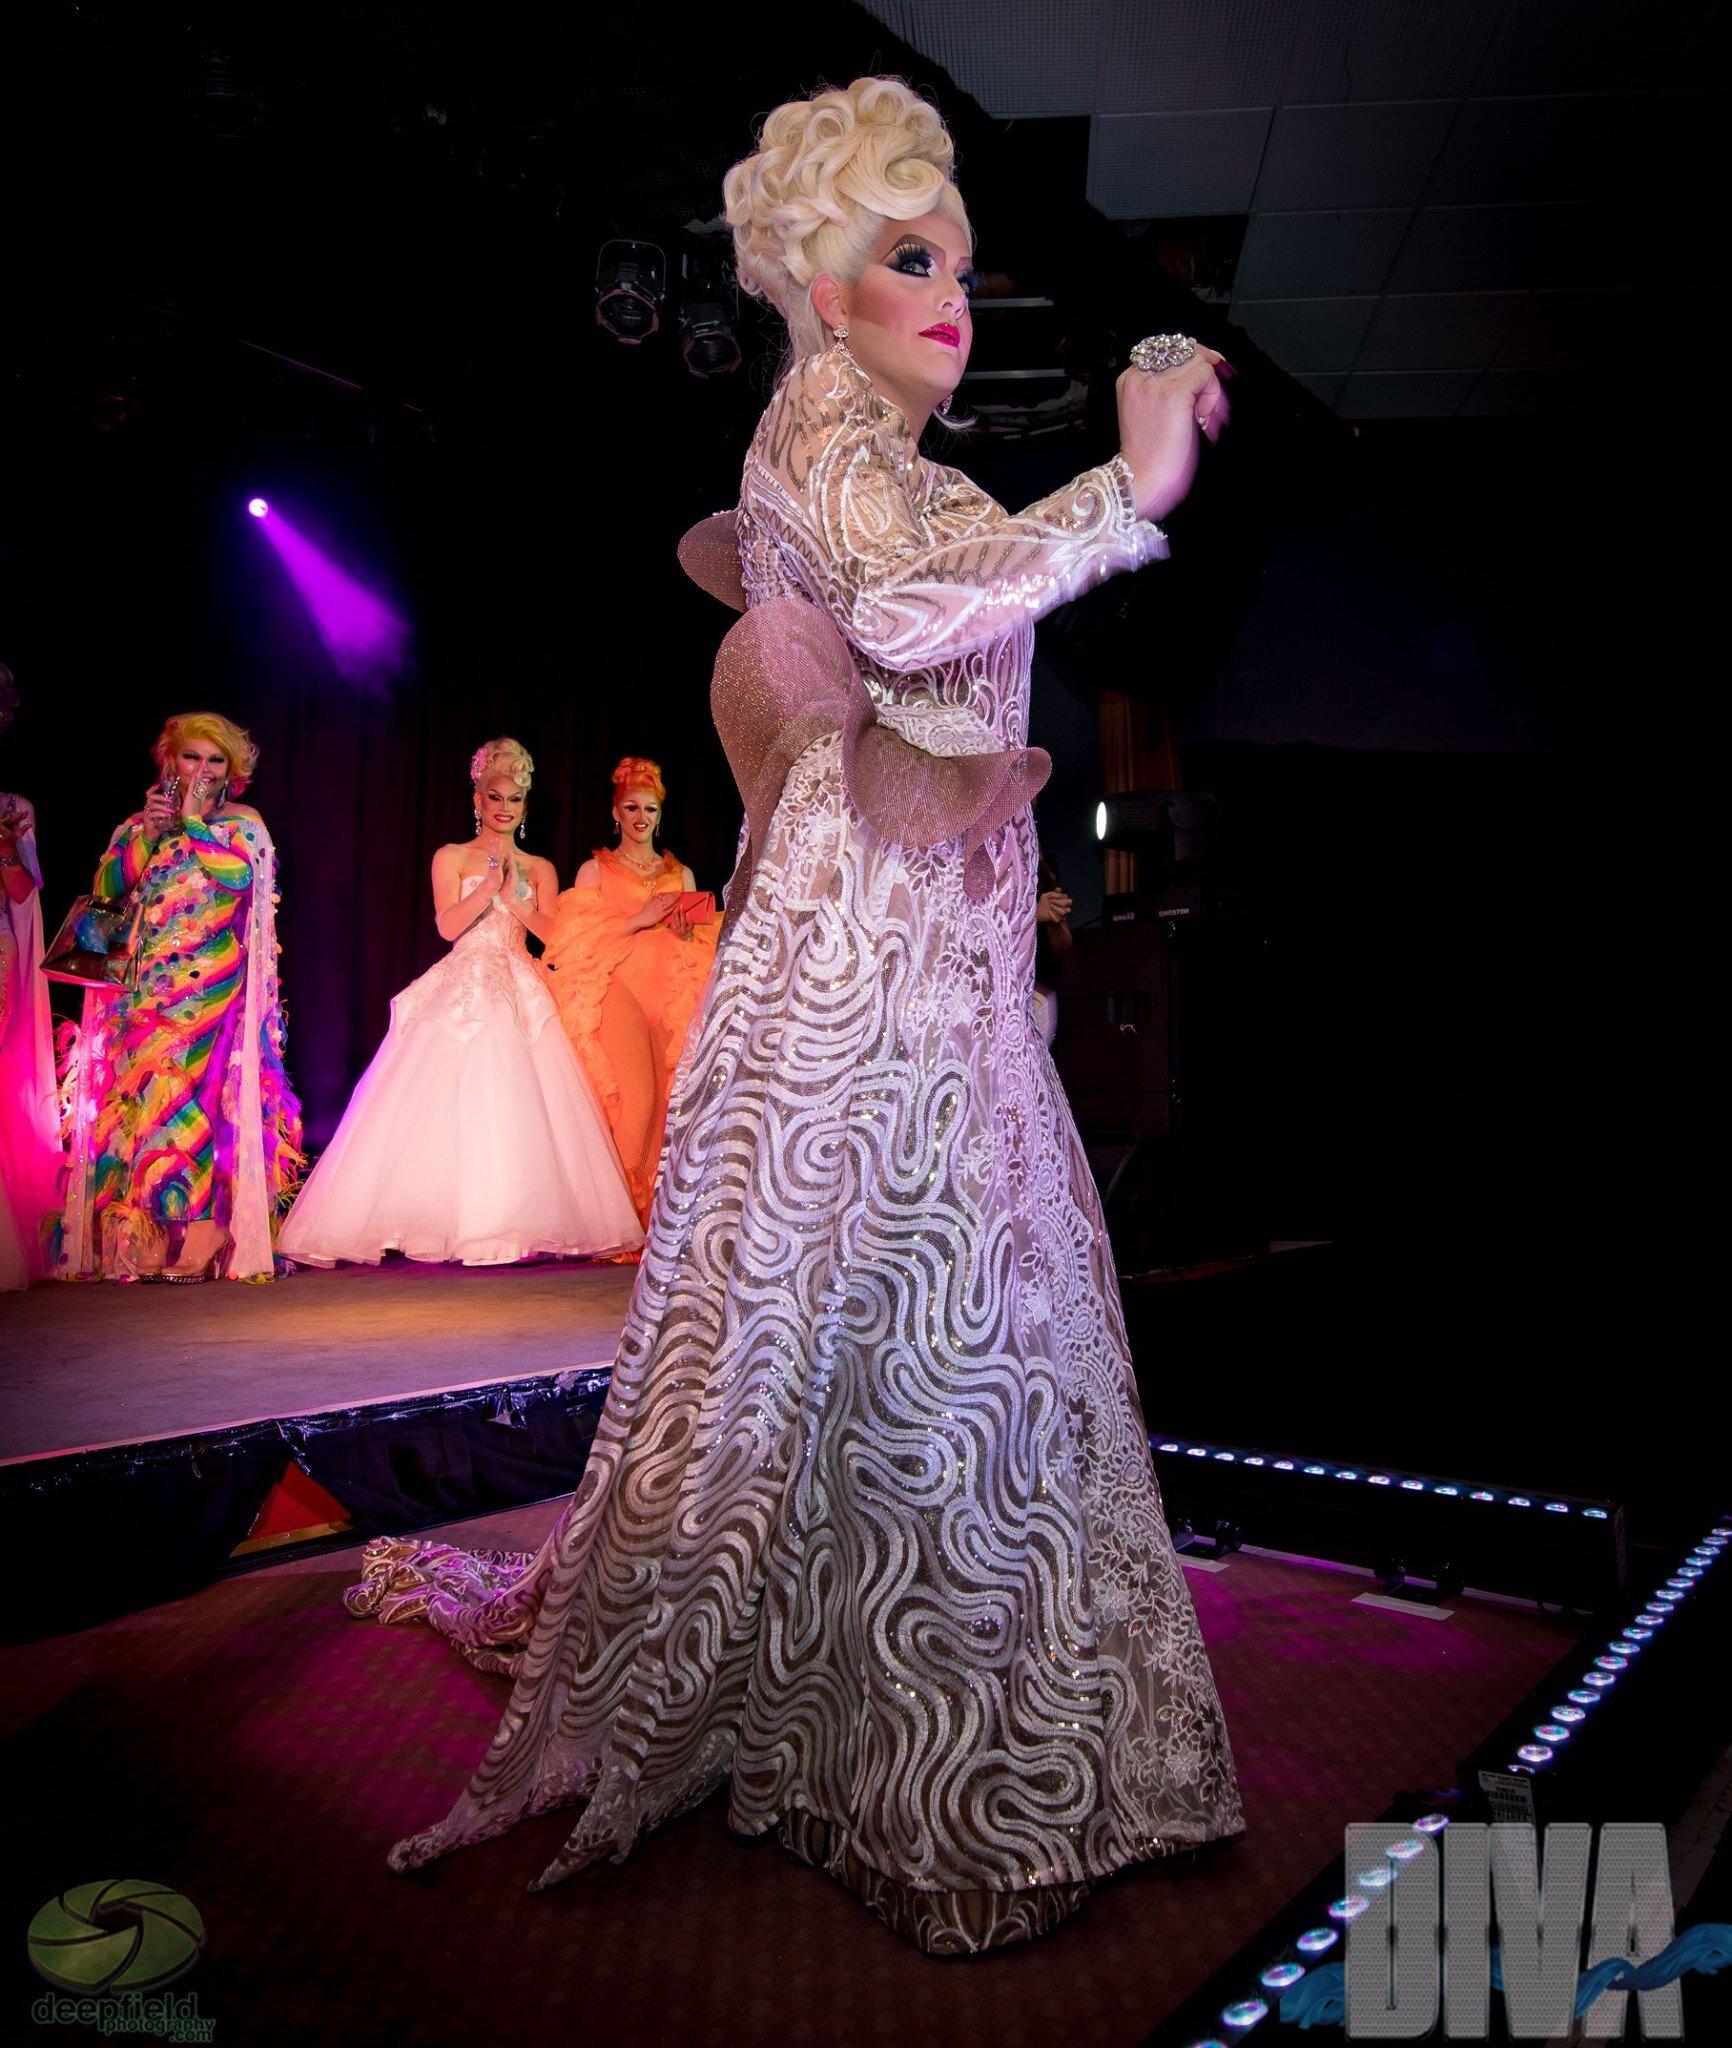 bell-of-the-carmen-geddit-diva-awards-sydney-drag-queen-royalty-best-hire-drag-race-australia-4.jpg